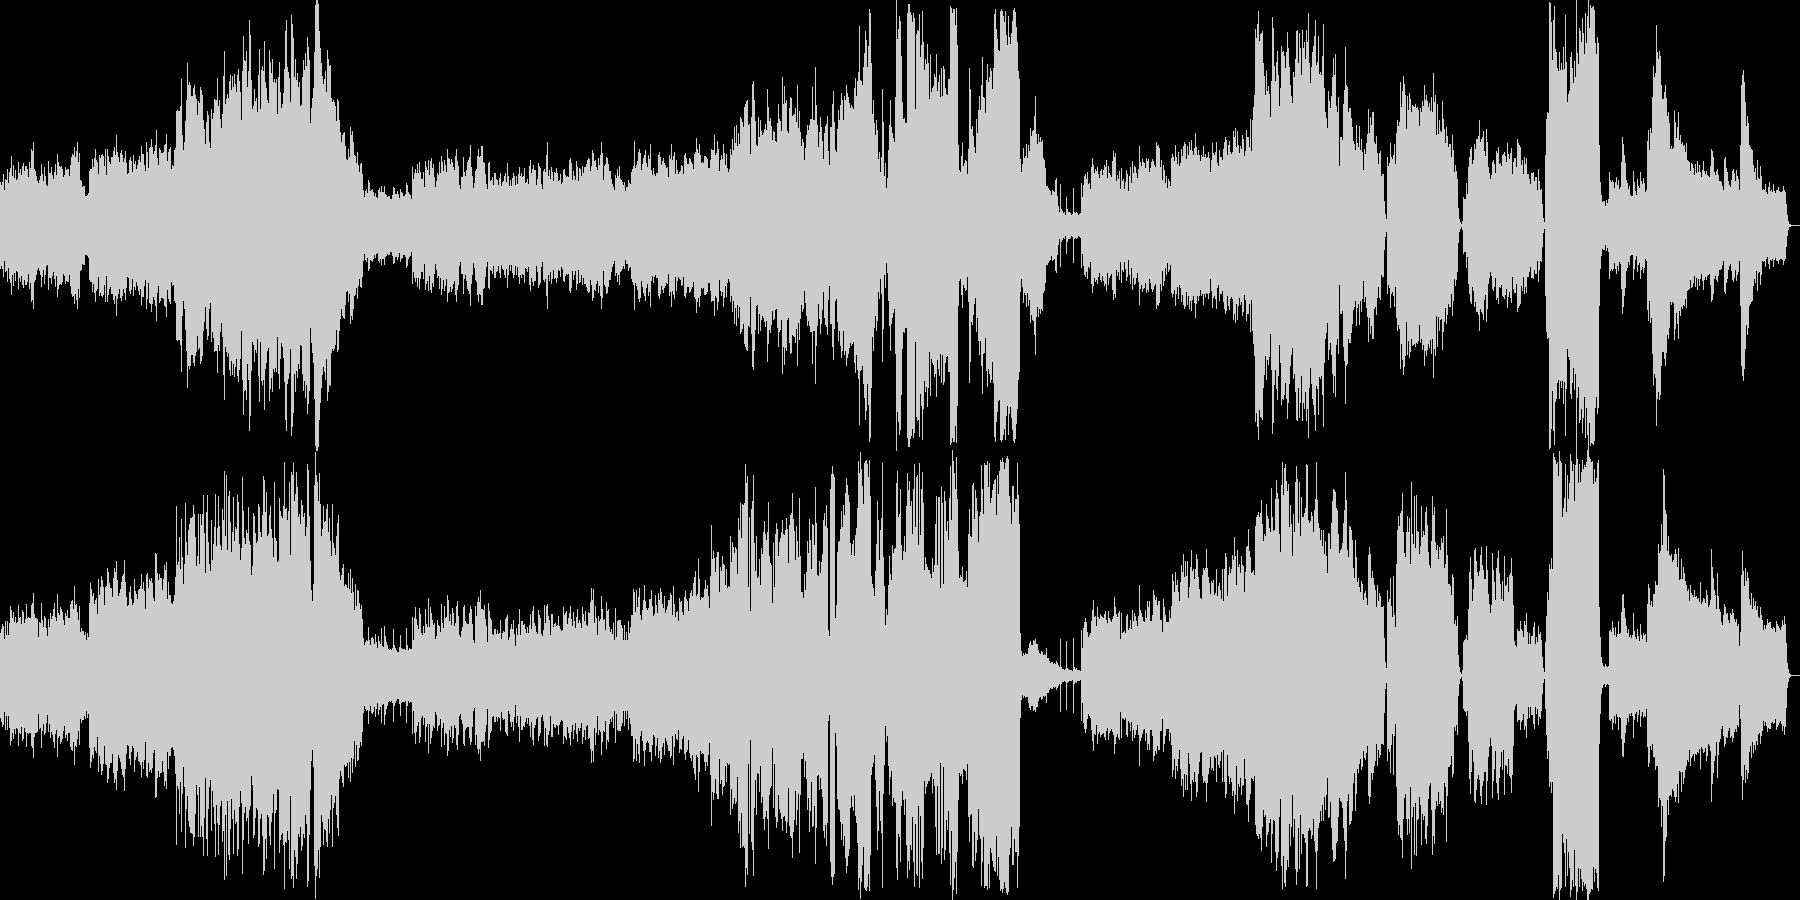 オルゴールがメインのオーケストラ曲。の未再生の波形